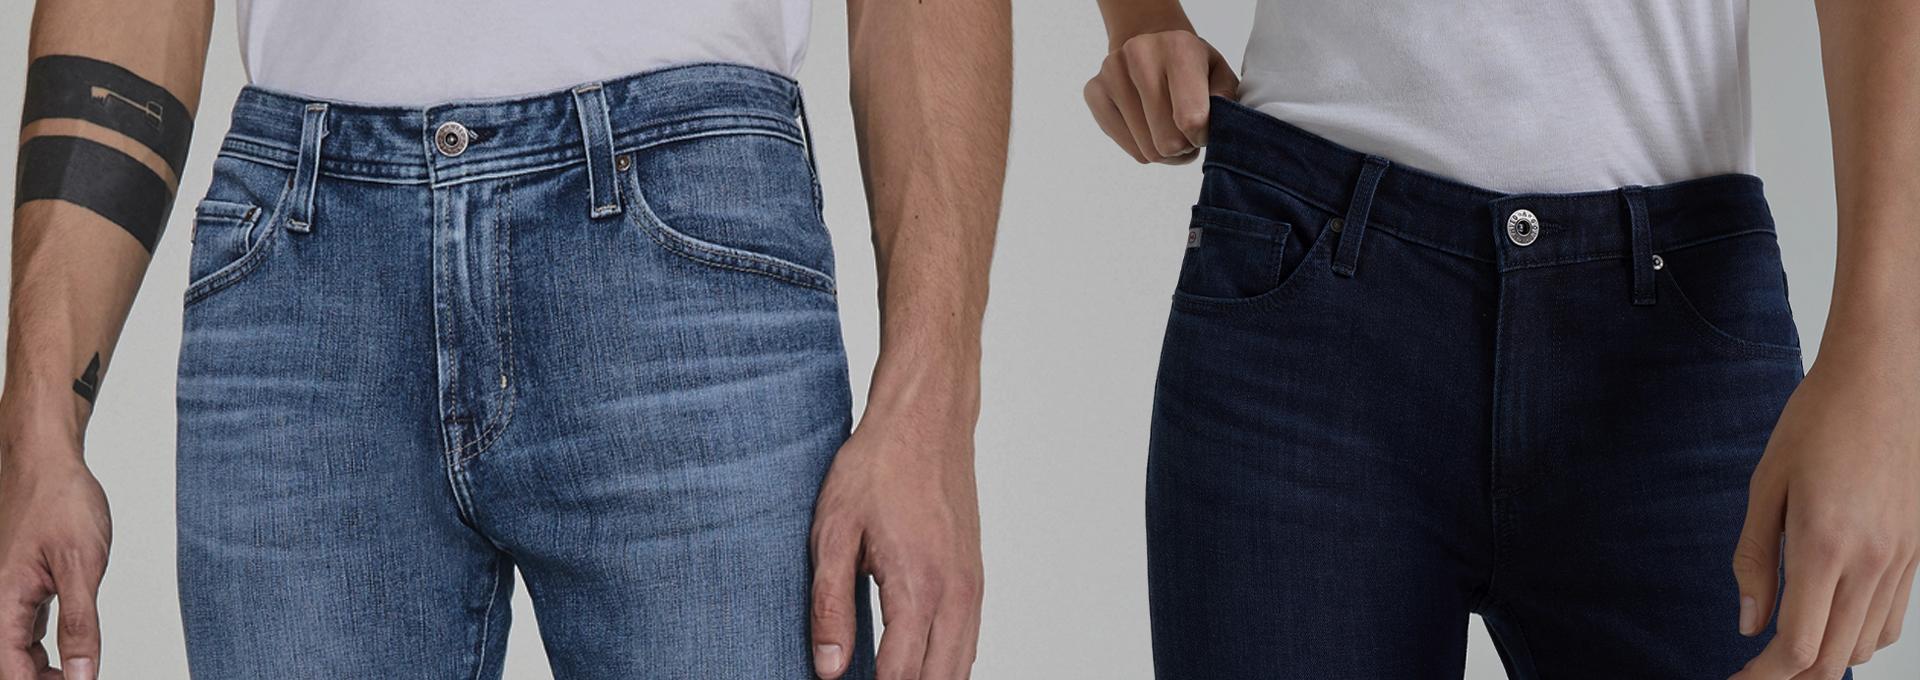 Shop Men's Denim 360 Jeans and Women's Contour 360 Jeans